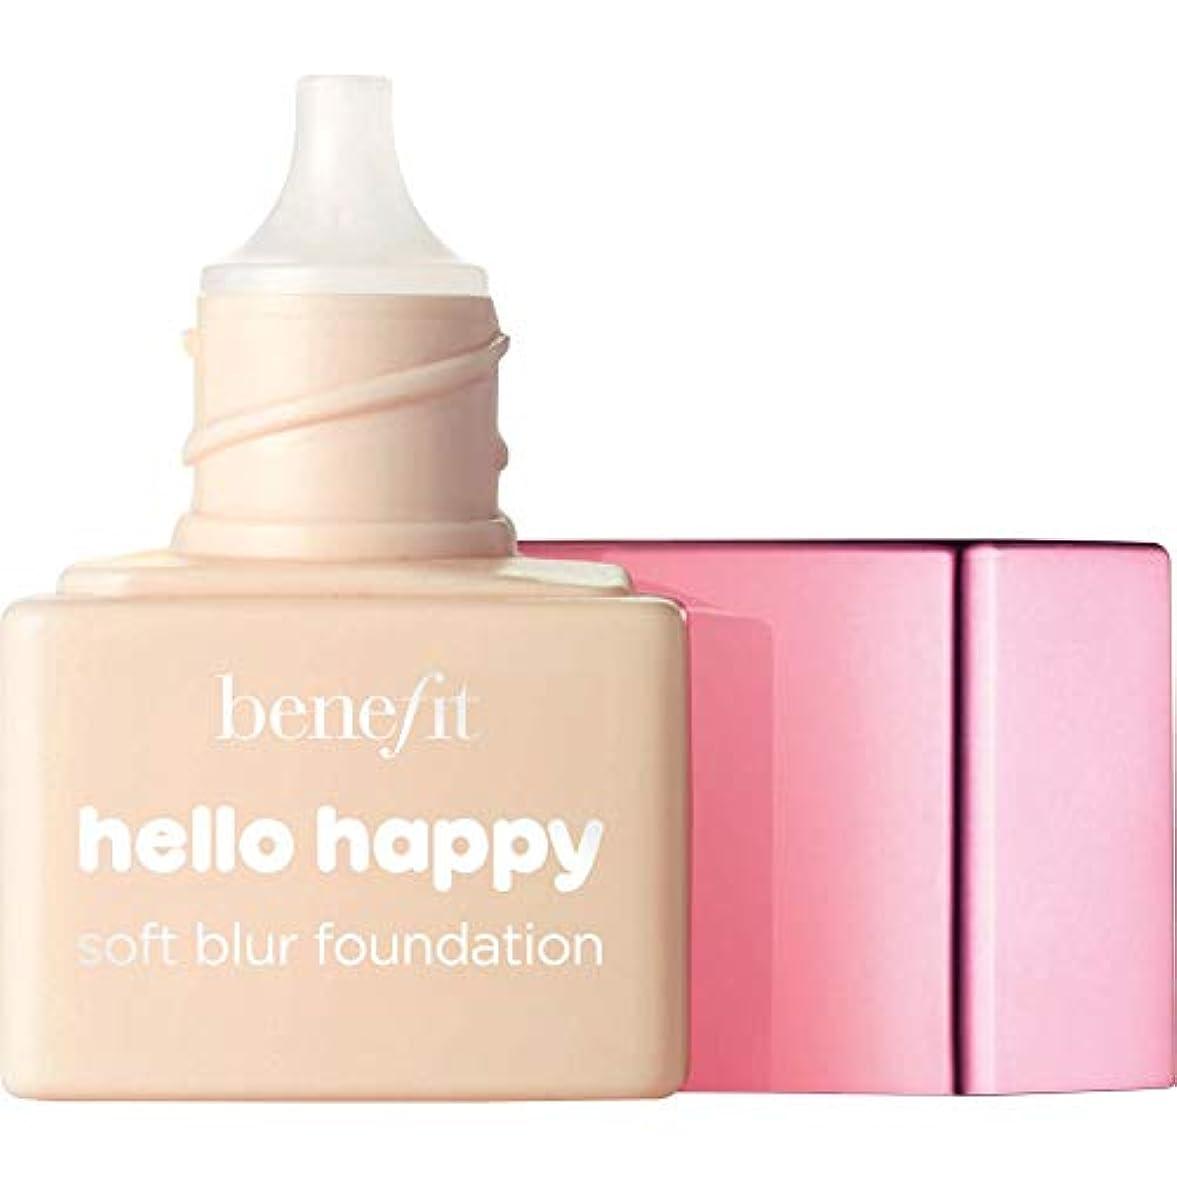 やがて誤解を招く難しい[Benefit ] ミニ2 - - ハロー幸せソフトブラー基礎Spf15の6ミリリットルの利益に暖かい光 - Benefit Hello Happy Soft Blur Foundation SPF15 6ml - Mini...